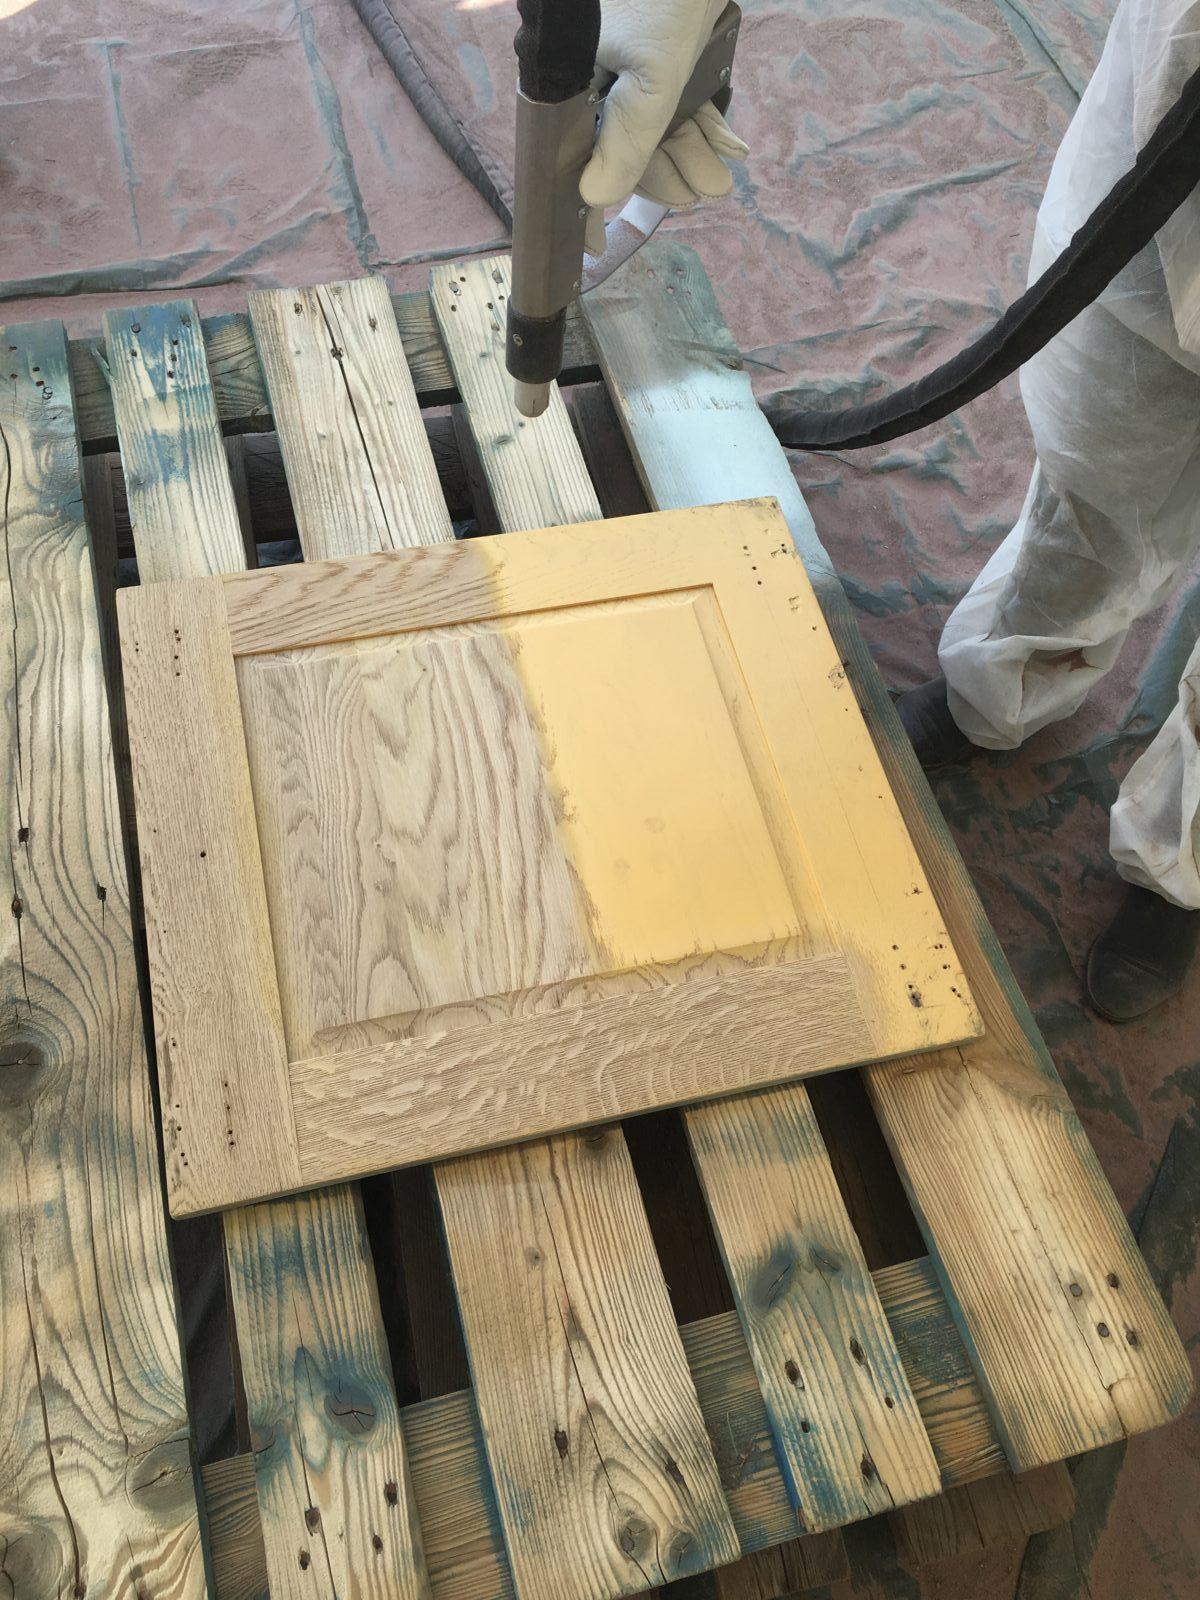 service de d�capage � sec meubles bois avant peinture dpt 06